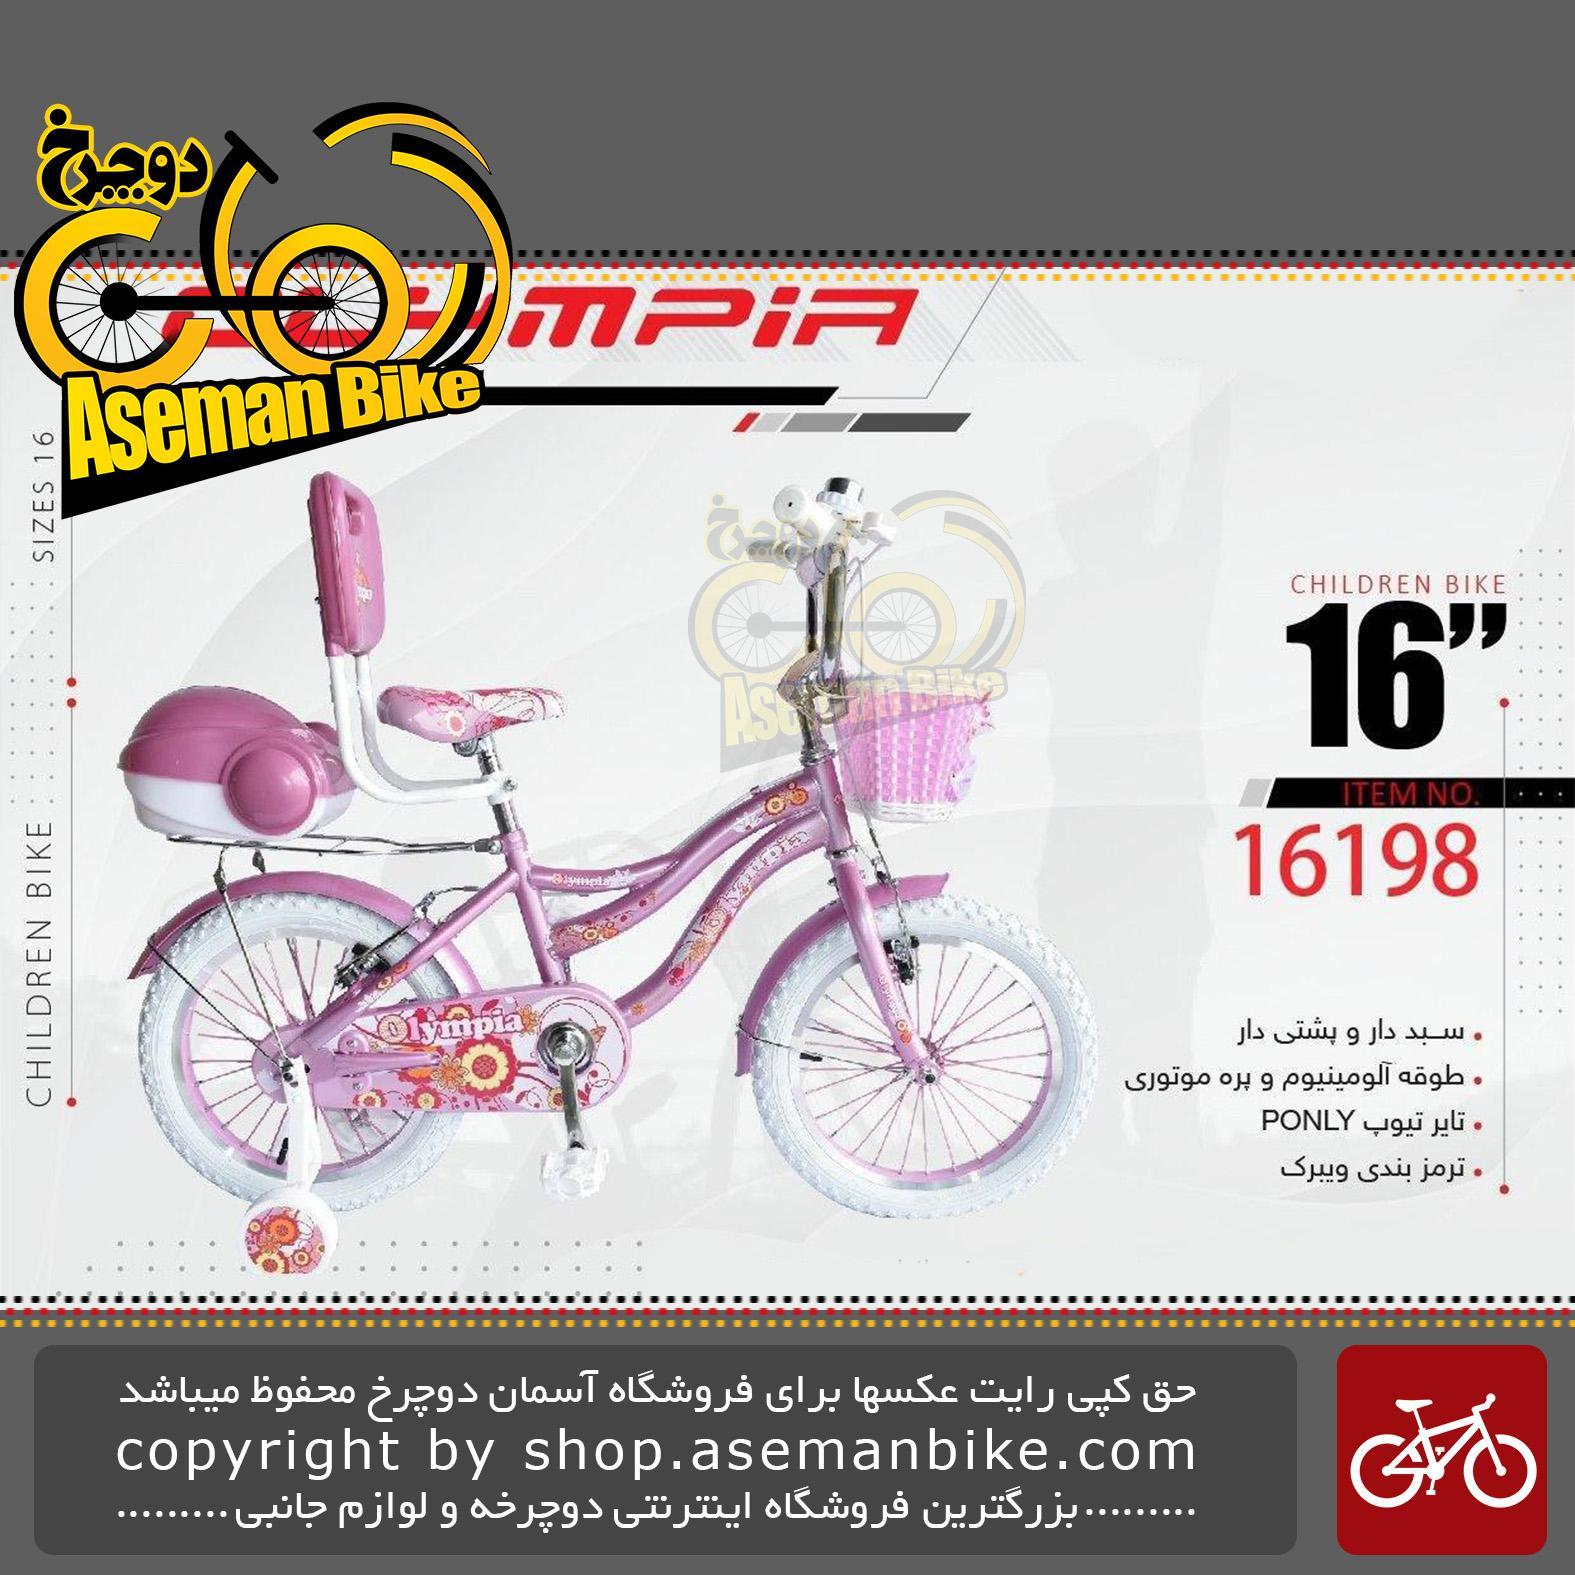 دوچرخه دخترانه بچگانه المپیا سایز 16 صندوق دار پشتی دار سبد دار مدل 16198 OLYMPIA Bicycle Kids Size 16 Model 16198